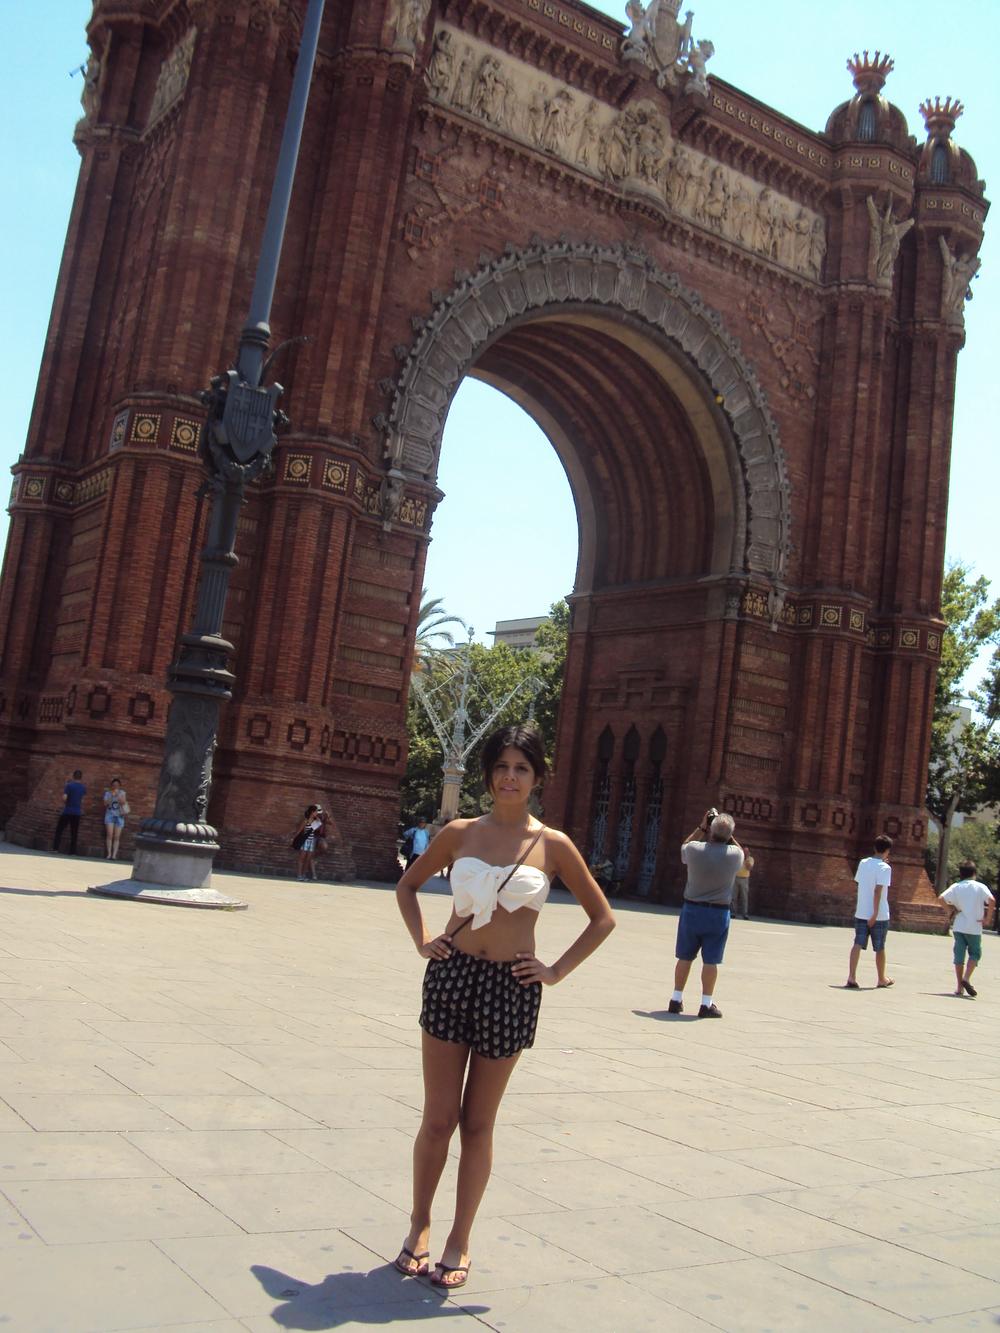 Alyssa_Barcelona_Arc_2013.JPG